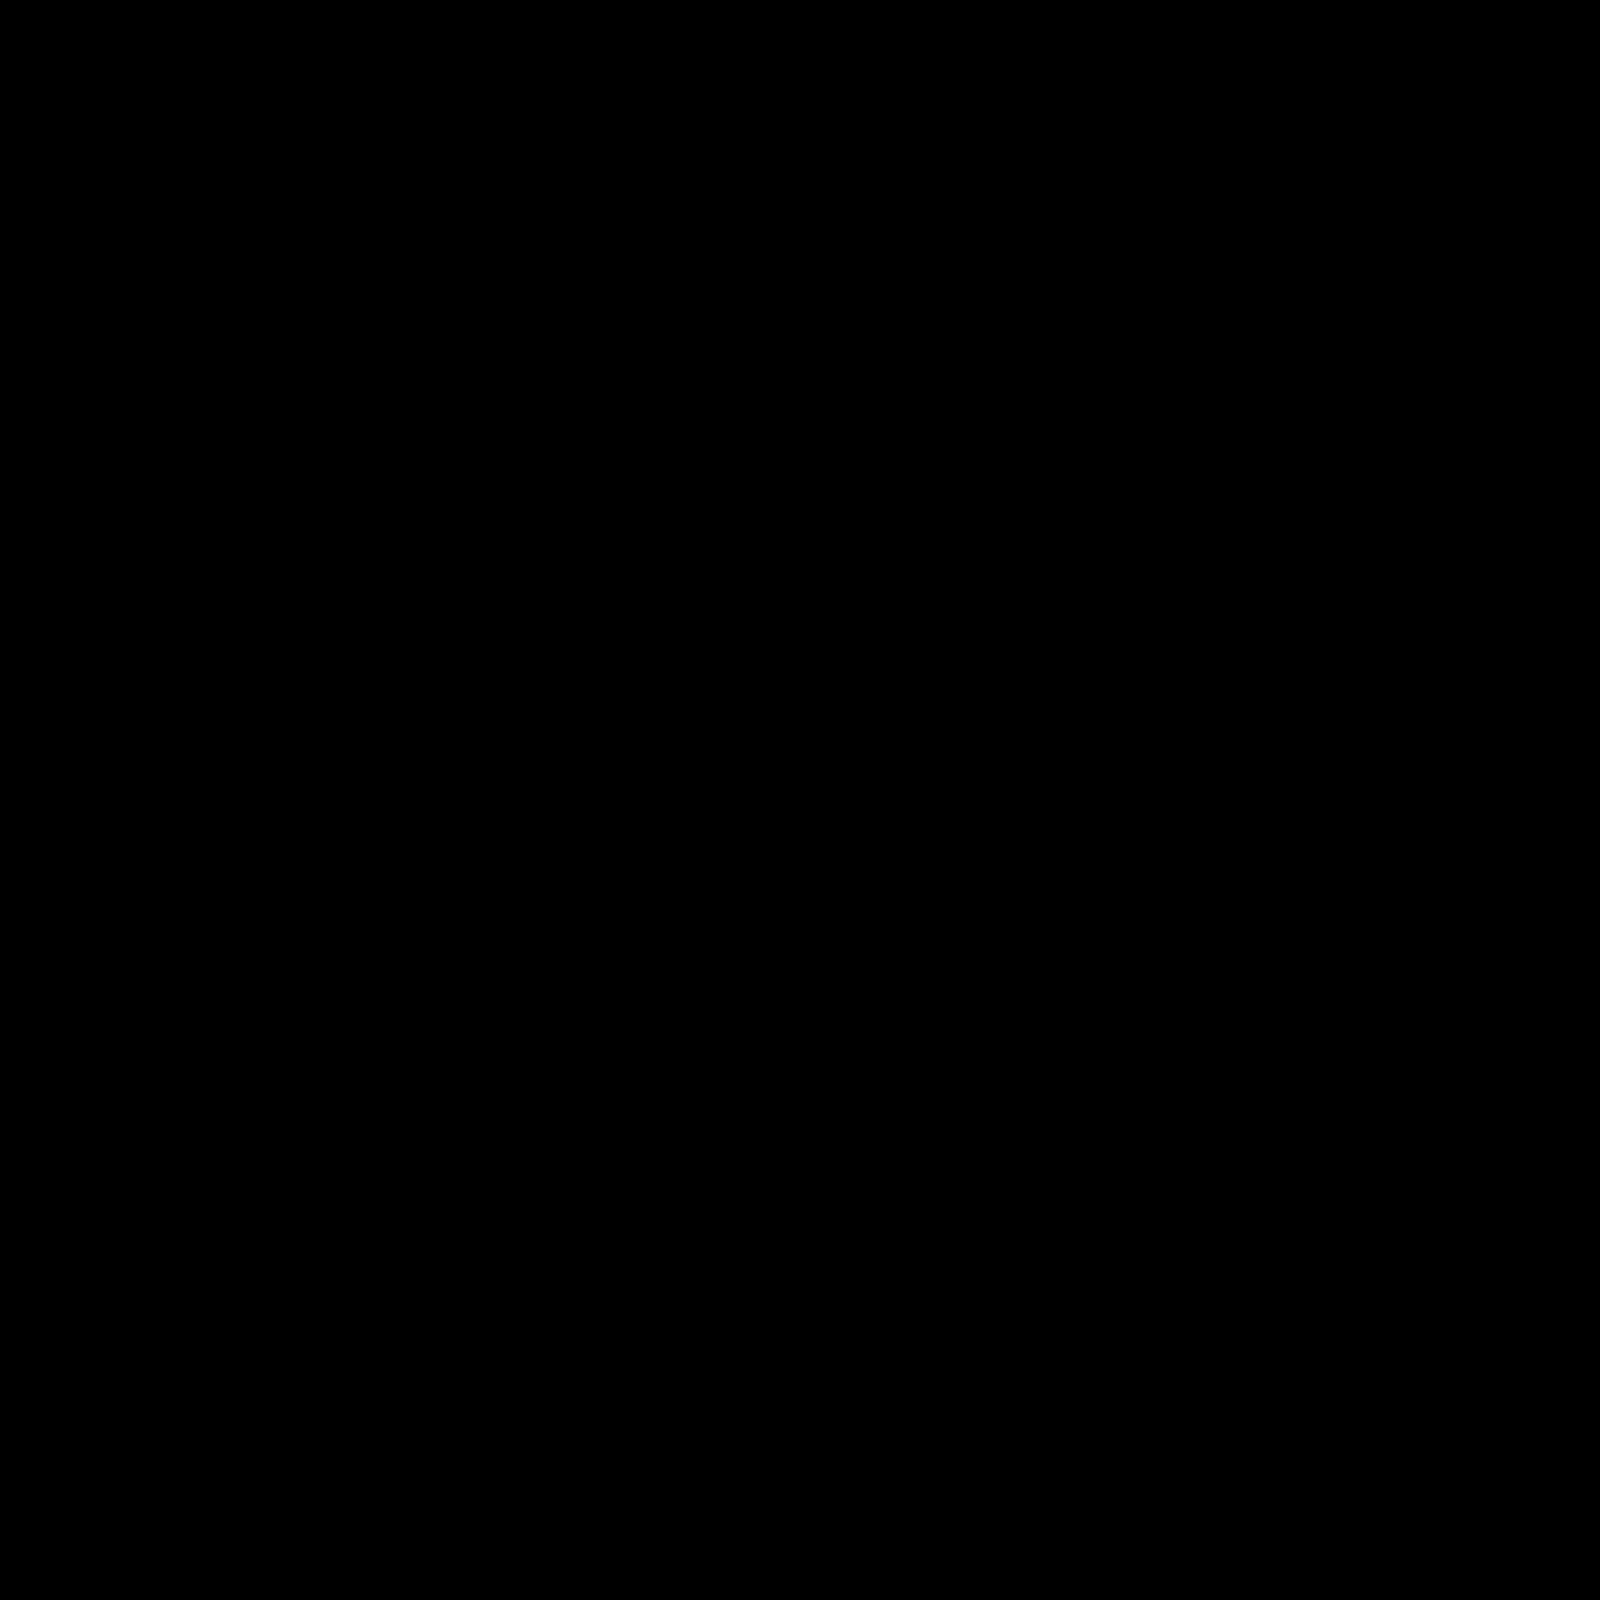 Timesheet icon